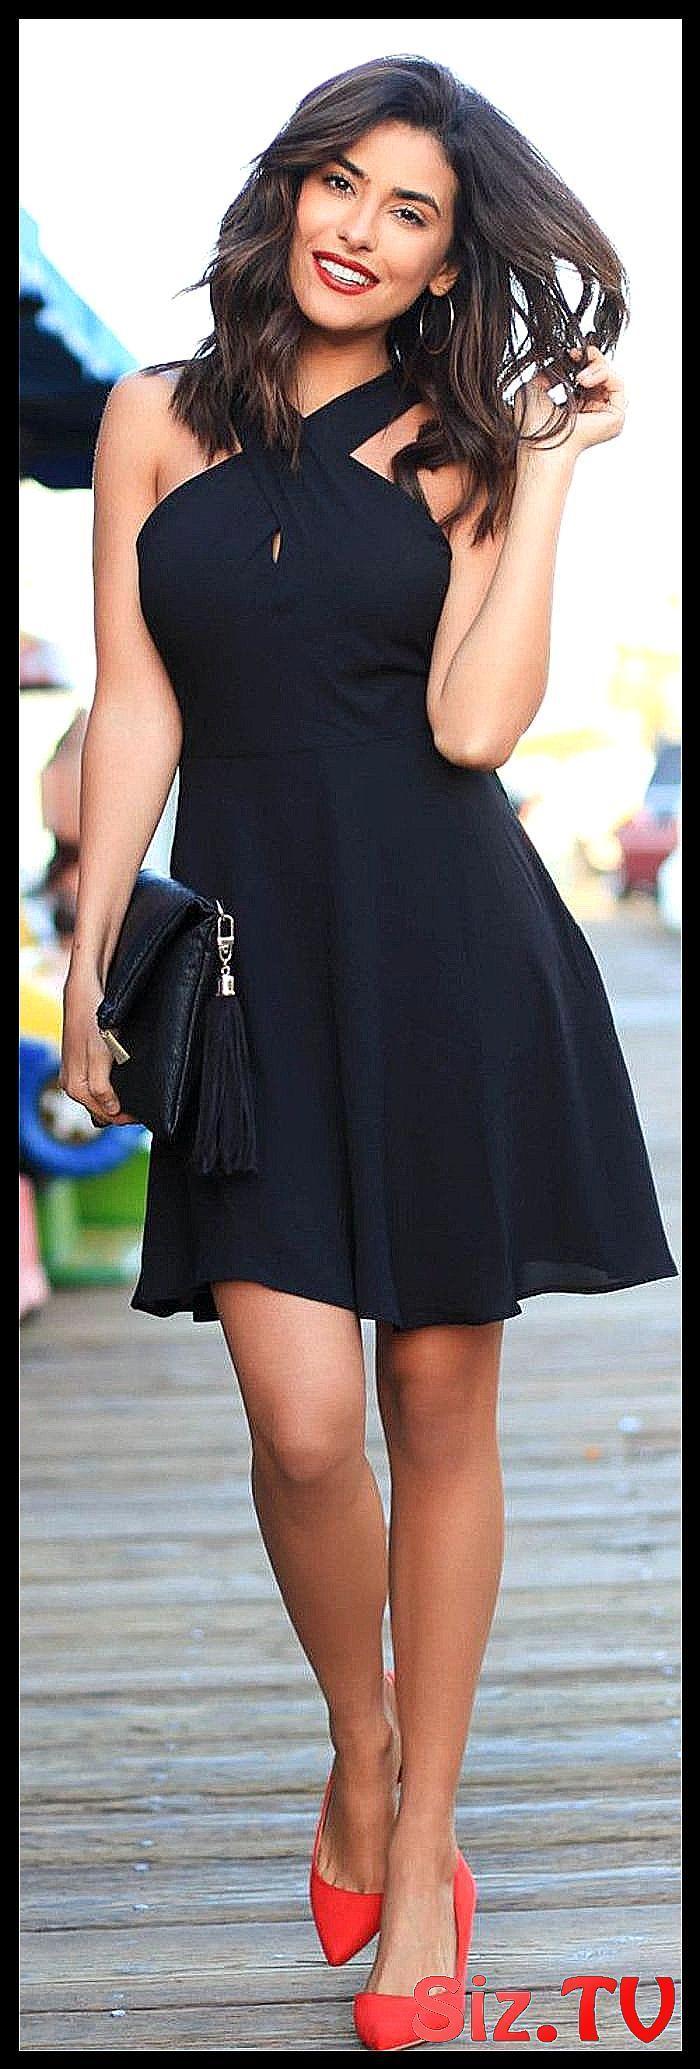 Ein Paar Tolle Ideen Wie Sie Ein Schwarzes Kle Breit Classy Black Dress Shoes Ein Ideen Kleid Kom Black Dress Red Heels Black Dress Black Dress Red Shoes [ 2069 x 700 Pixel ]